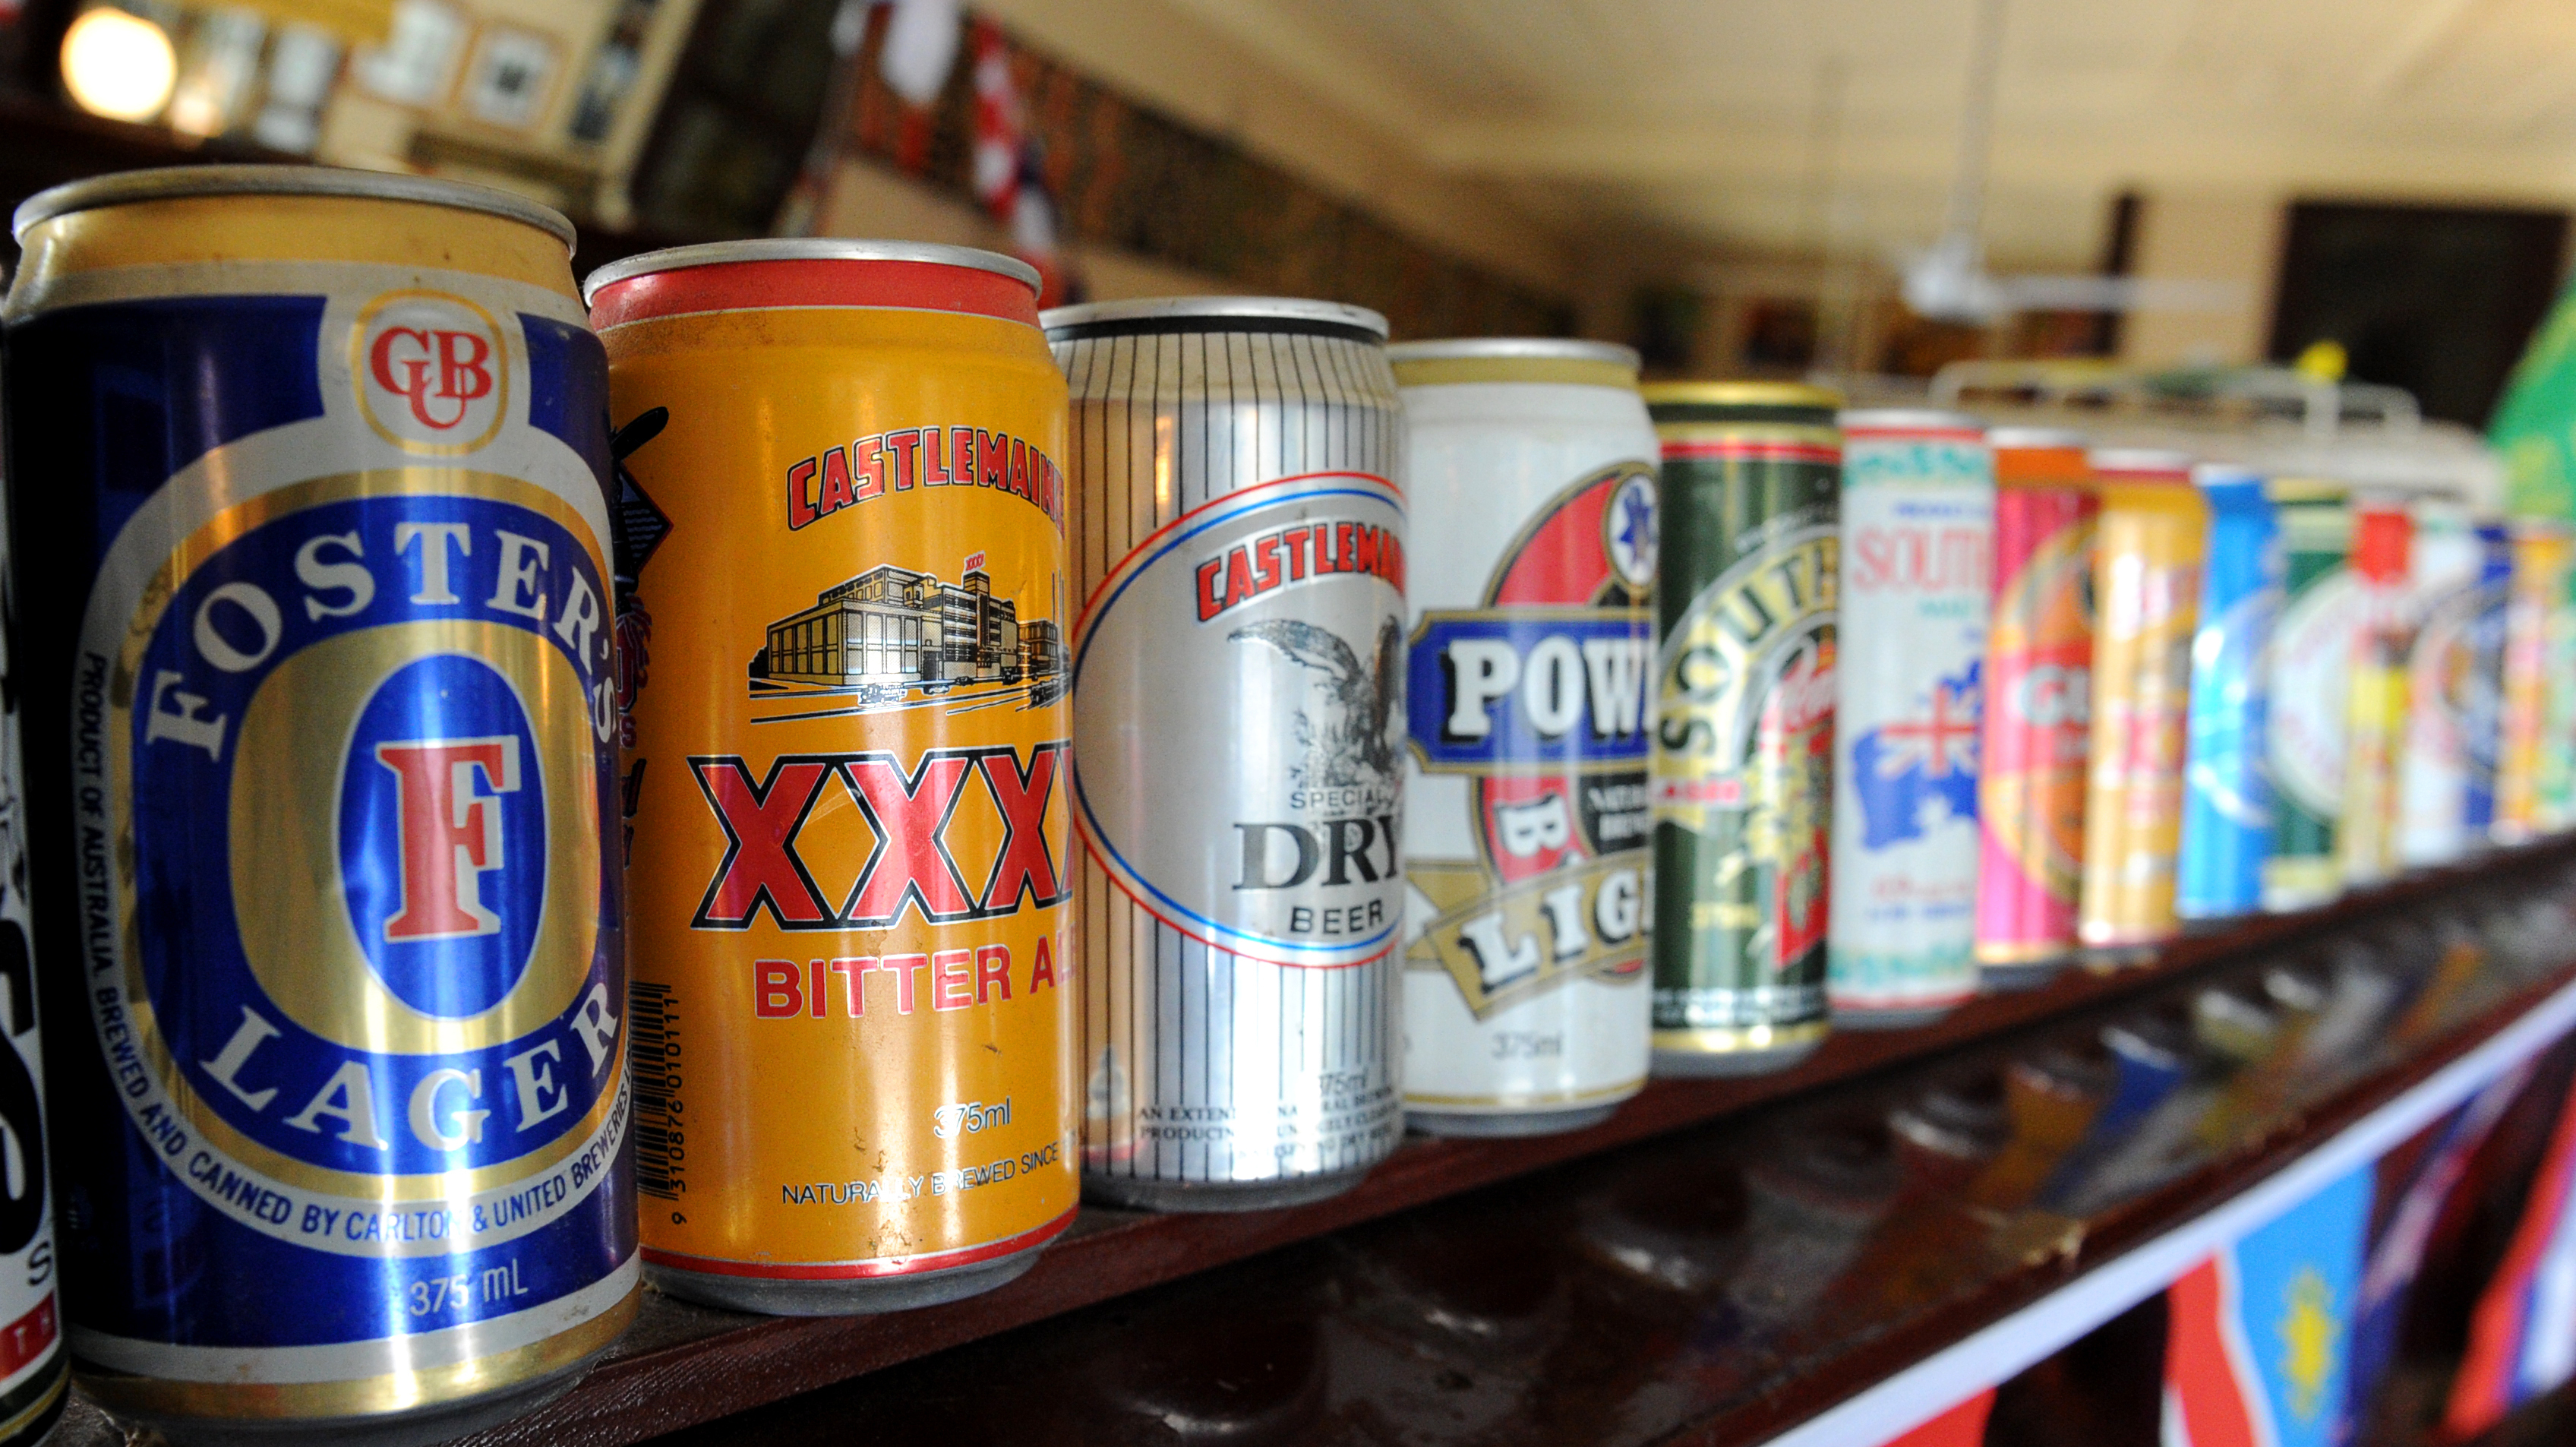 Beer Fridge Blamed For Cellphone Network Blackout